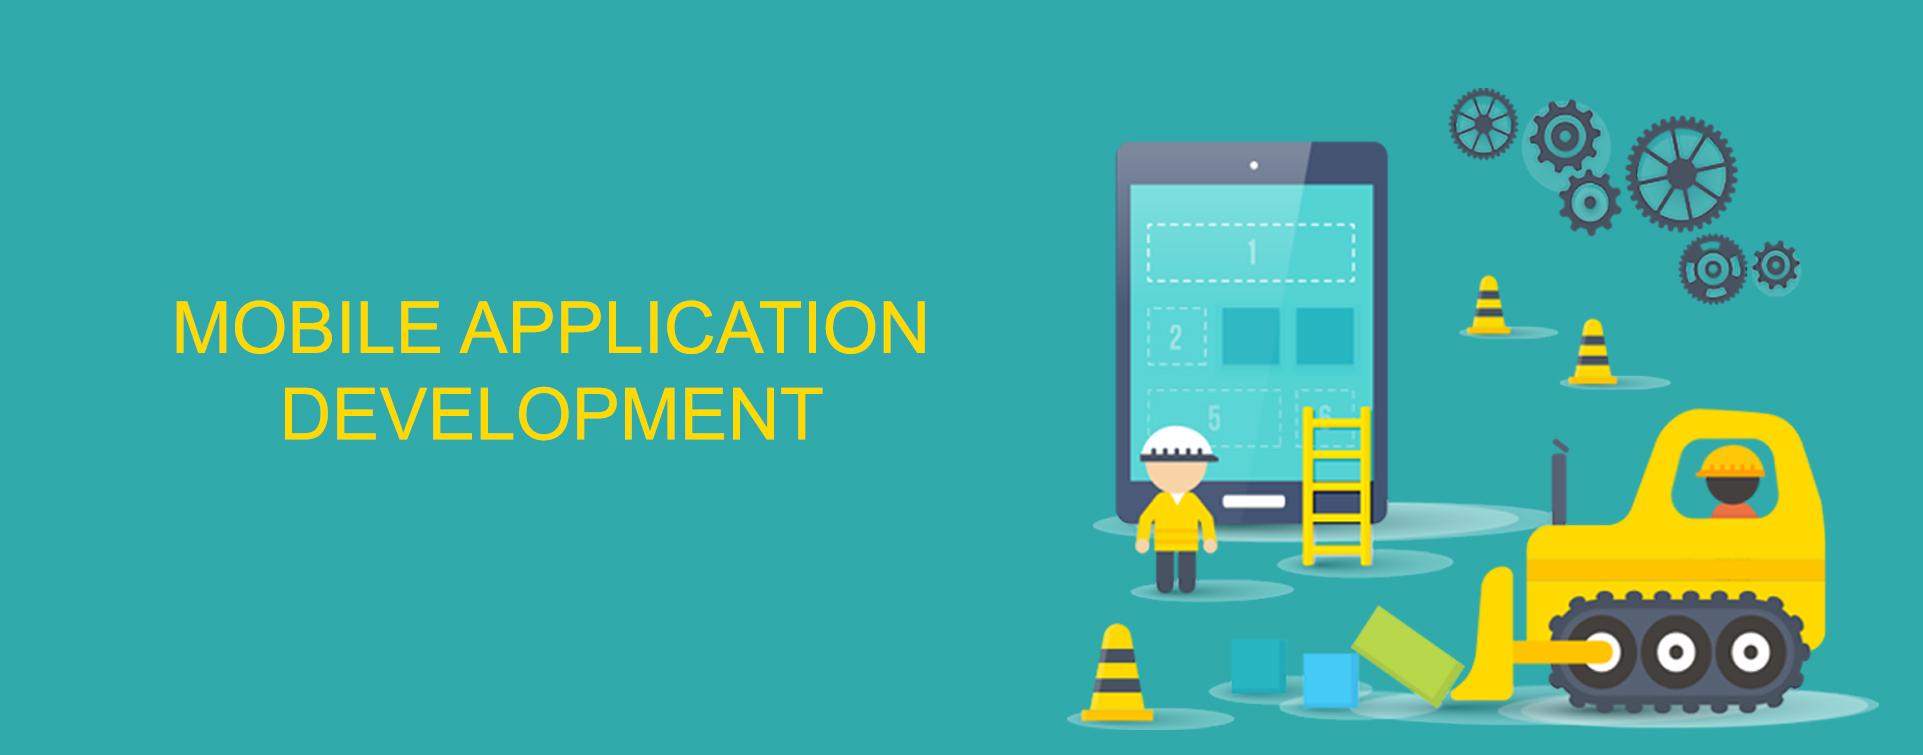 Mobile App Development_lion_vision